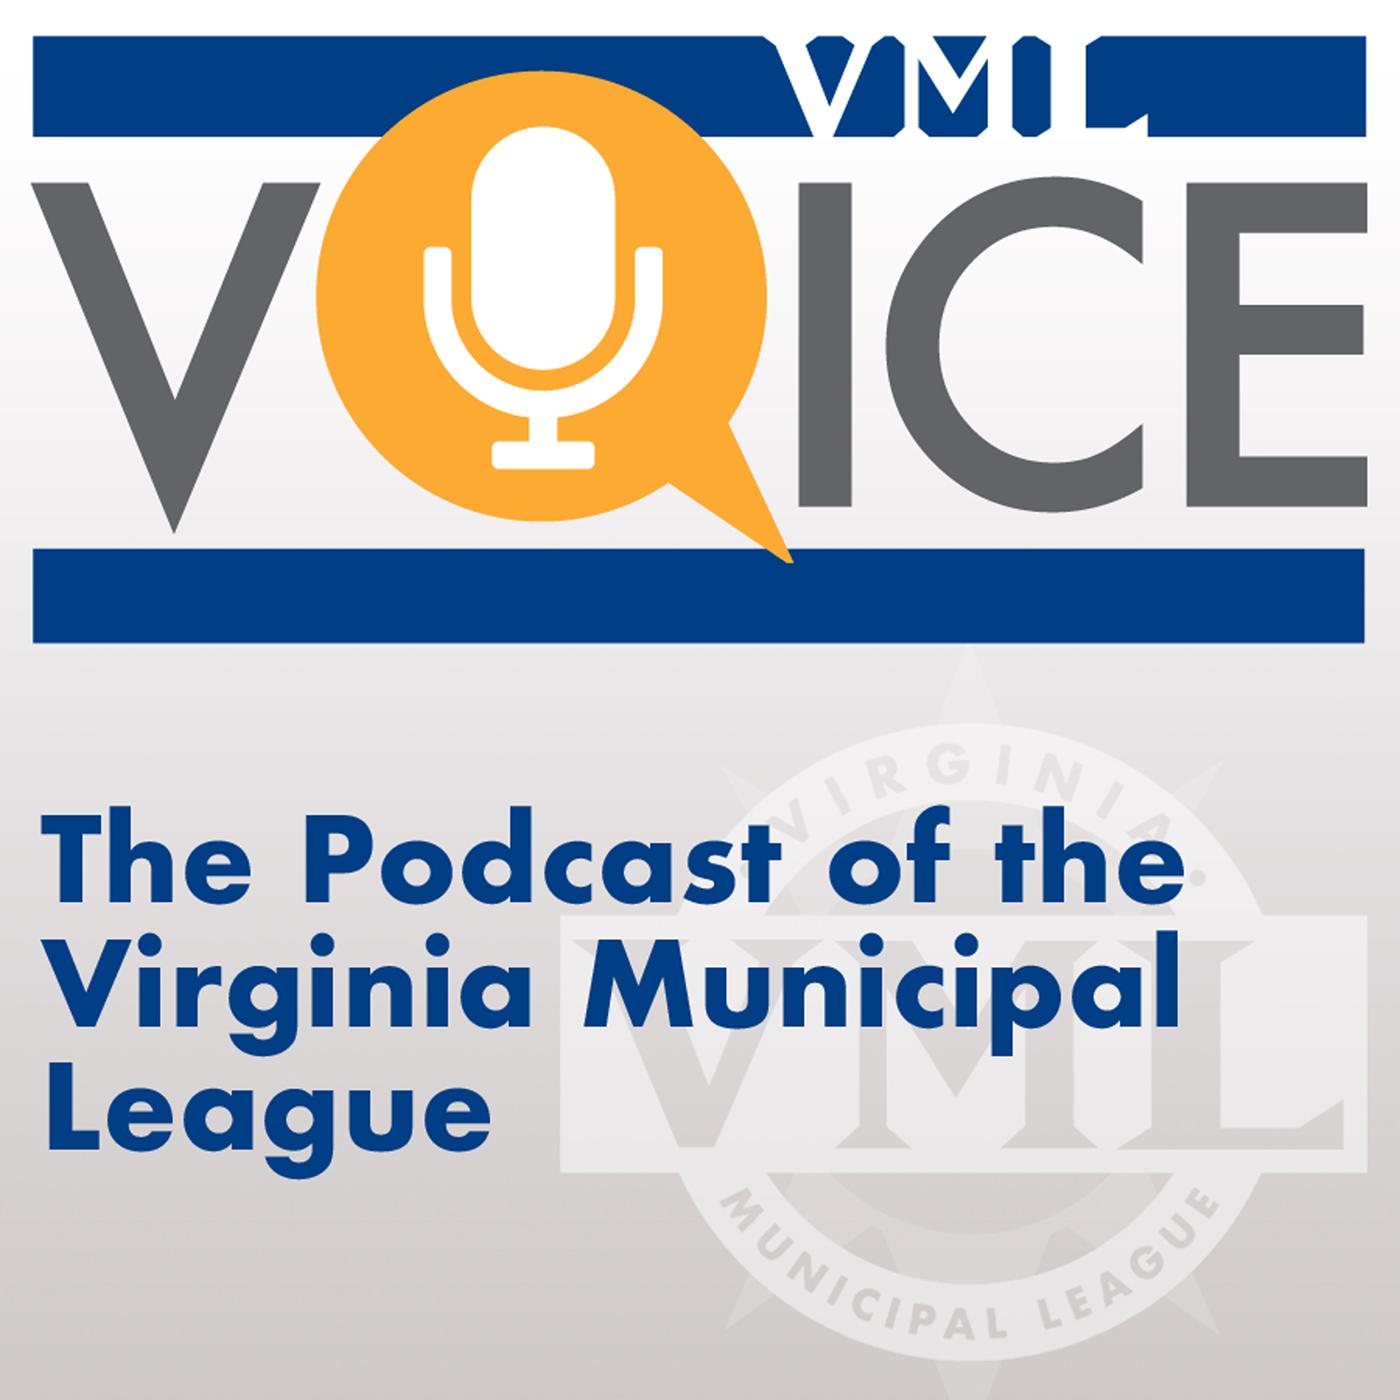 VML Voice